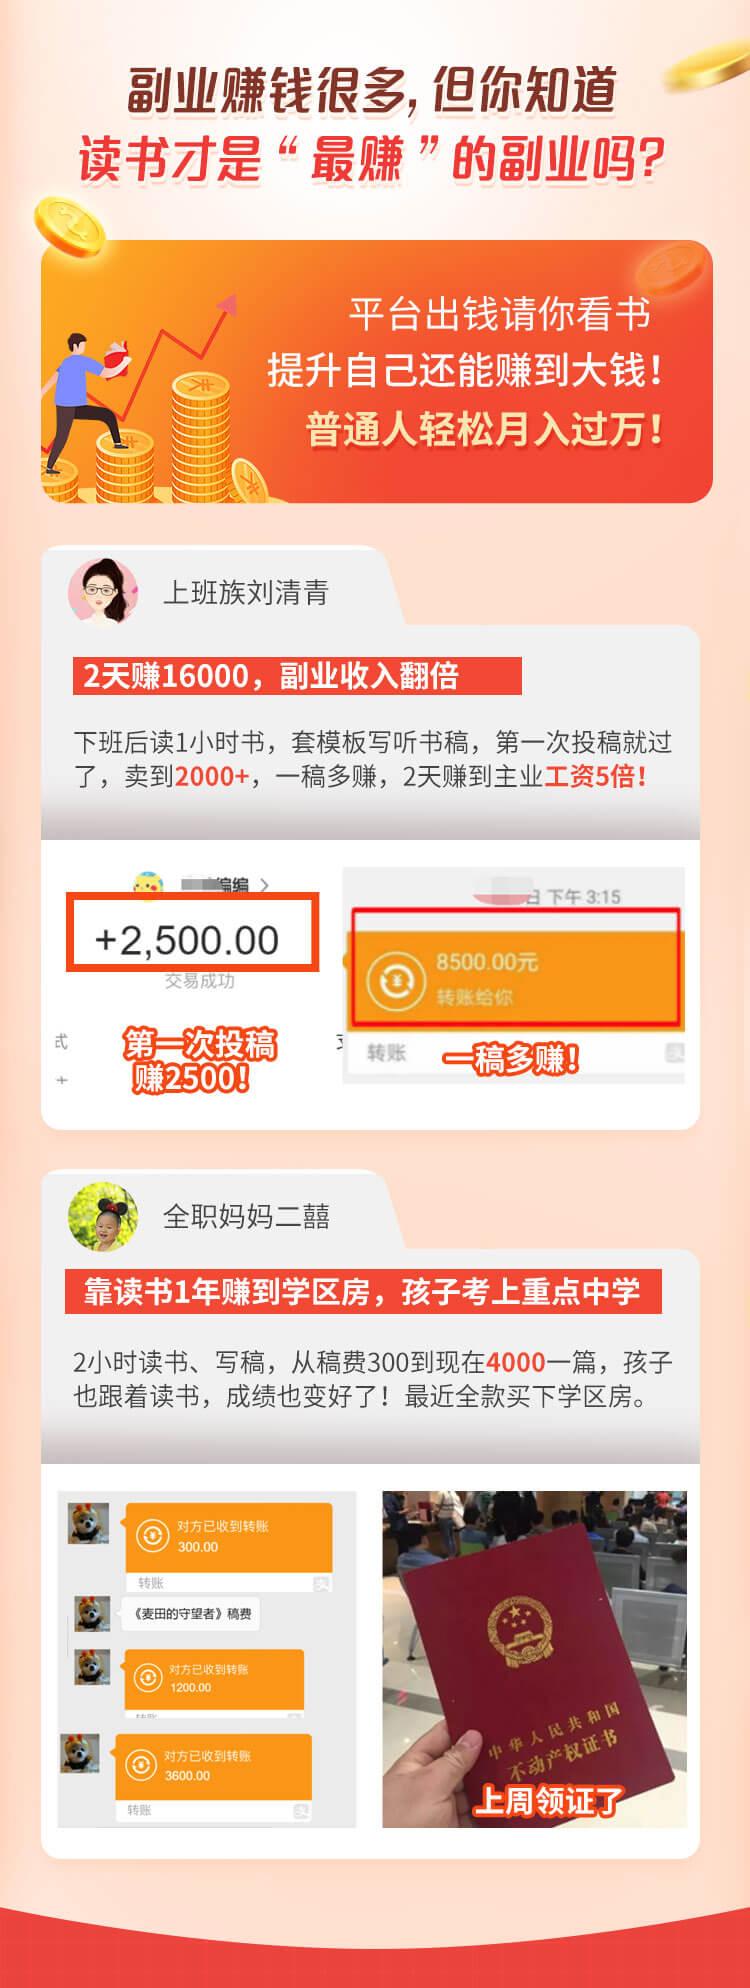 晓晓-读书赚钱详情页2_01.jpg